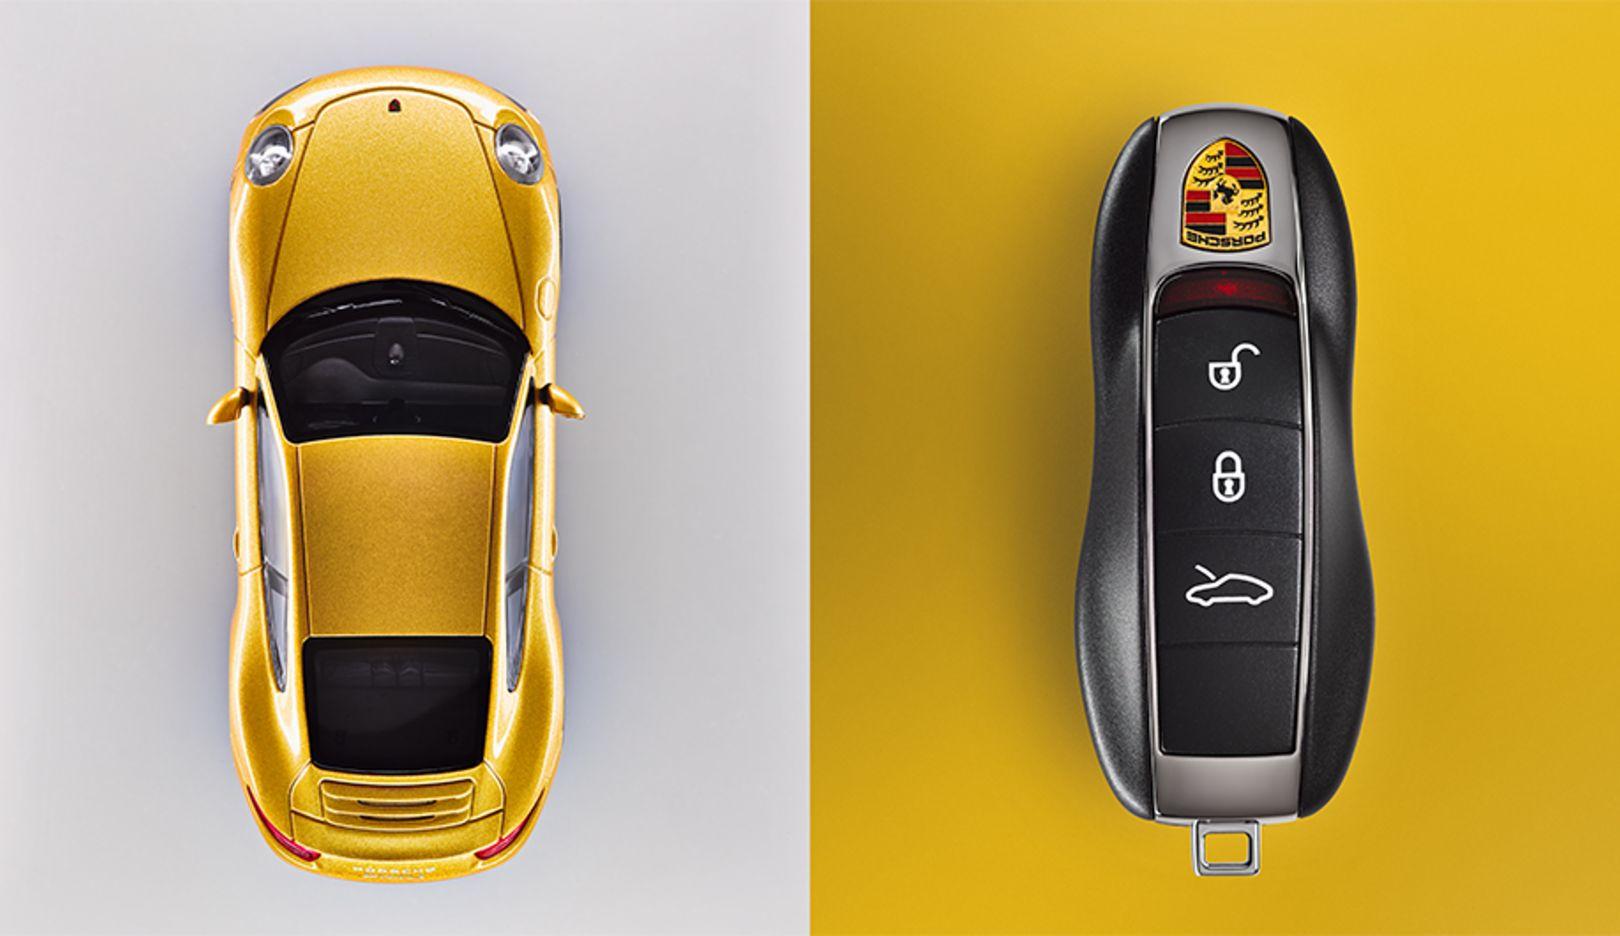 991: Der aktuelle Schlüssel besitzt eine integrierte Funktionalität für Porsche Entry & Drive, ein baureihenspezifisches Tastenfeld und die neueste Verschlüsselungstechnologie